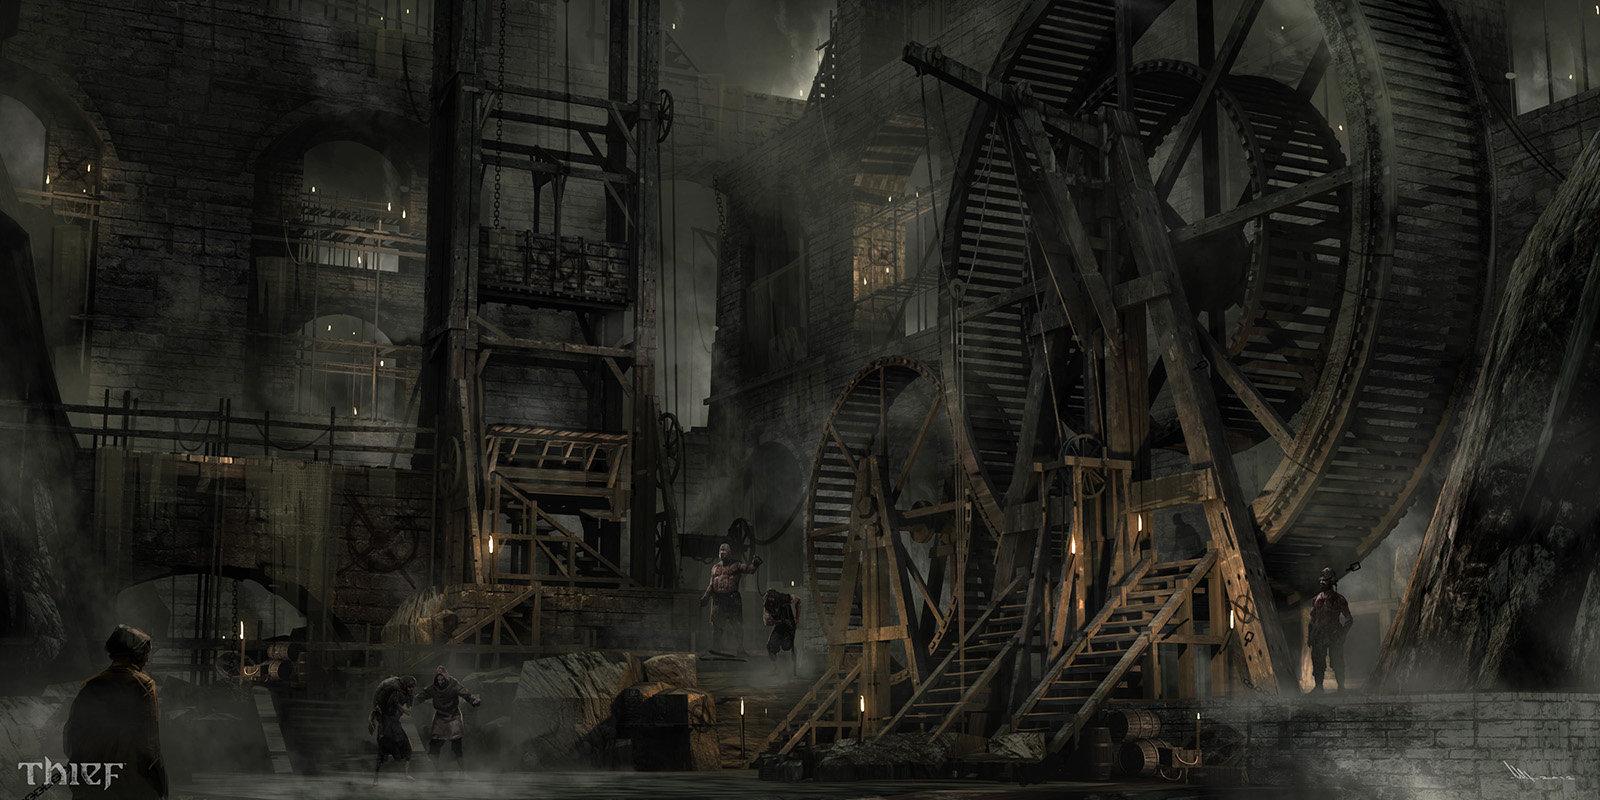 Mathieu latour duhaime hidden city human wheel 2012s